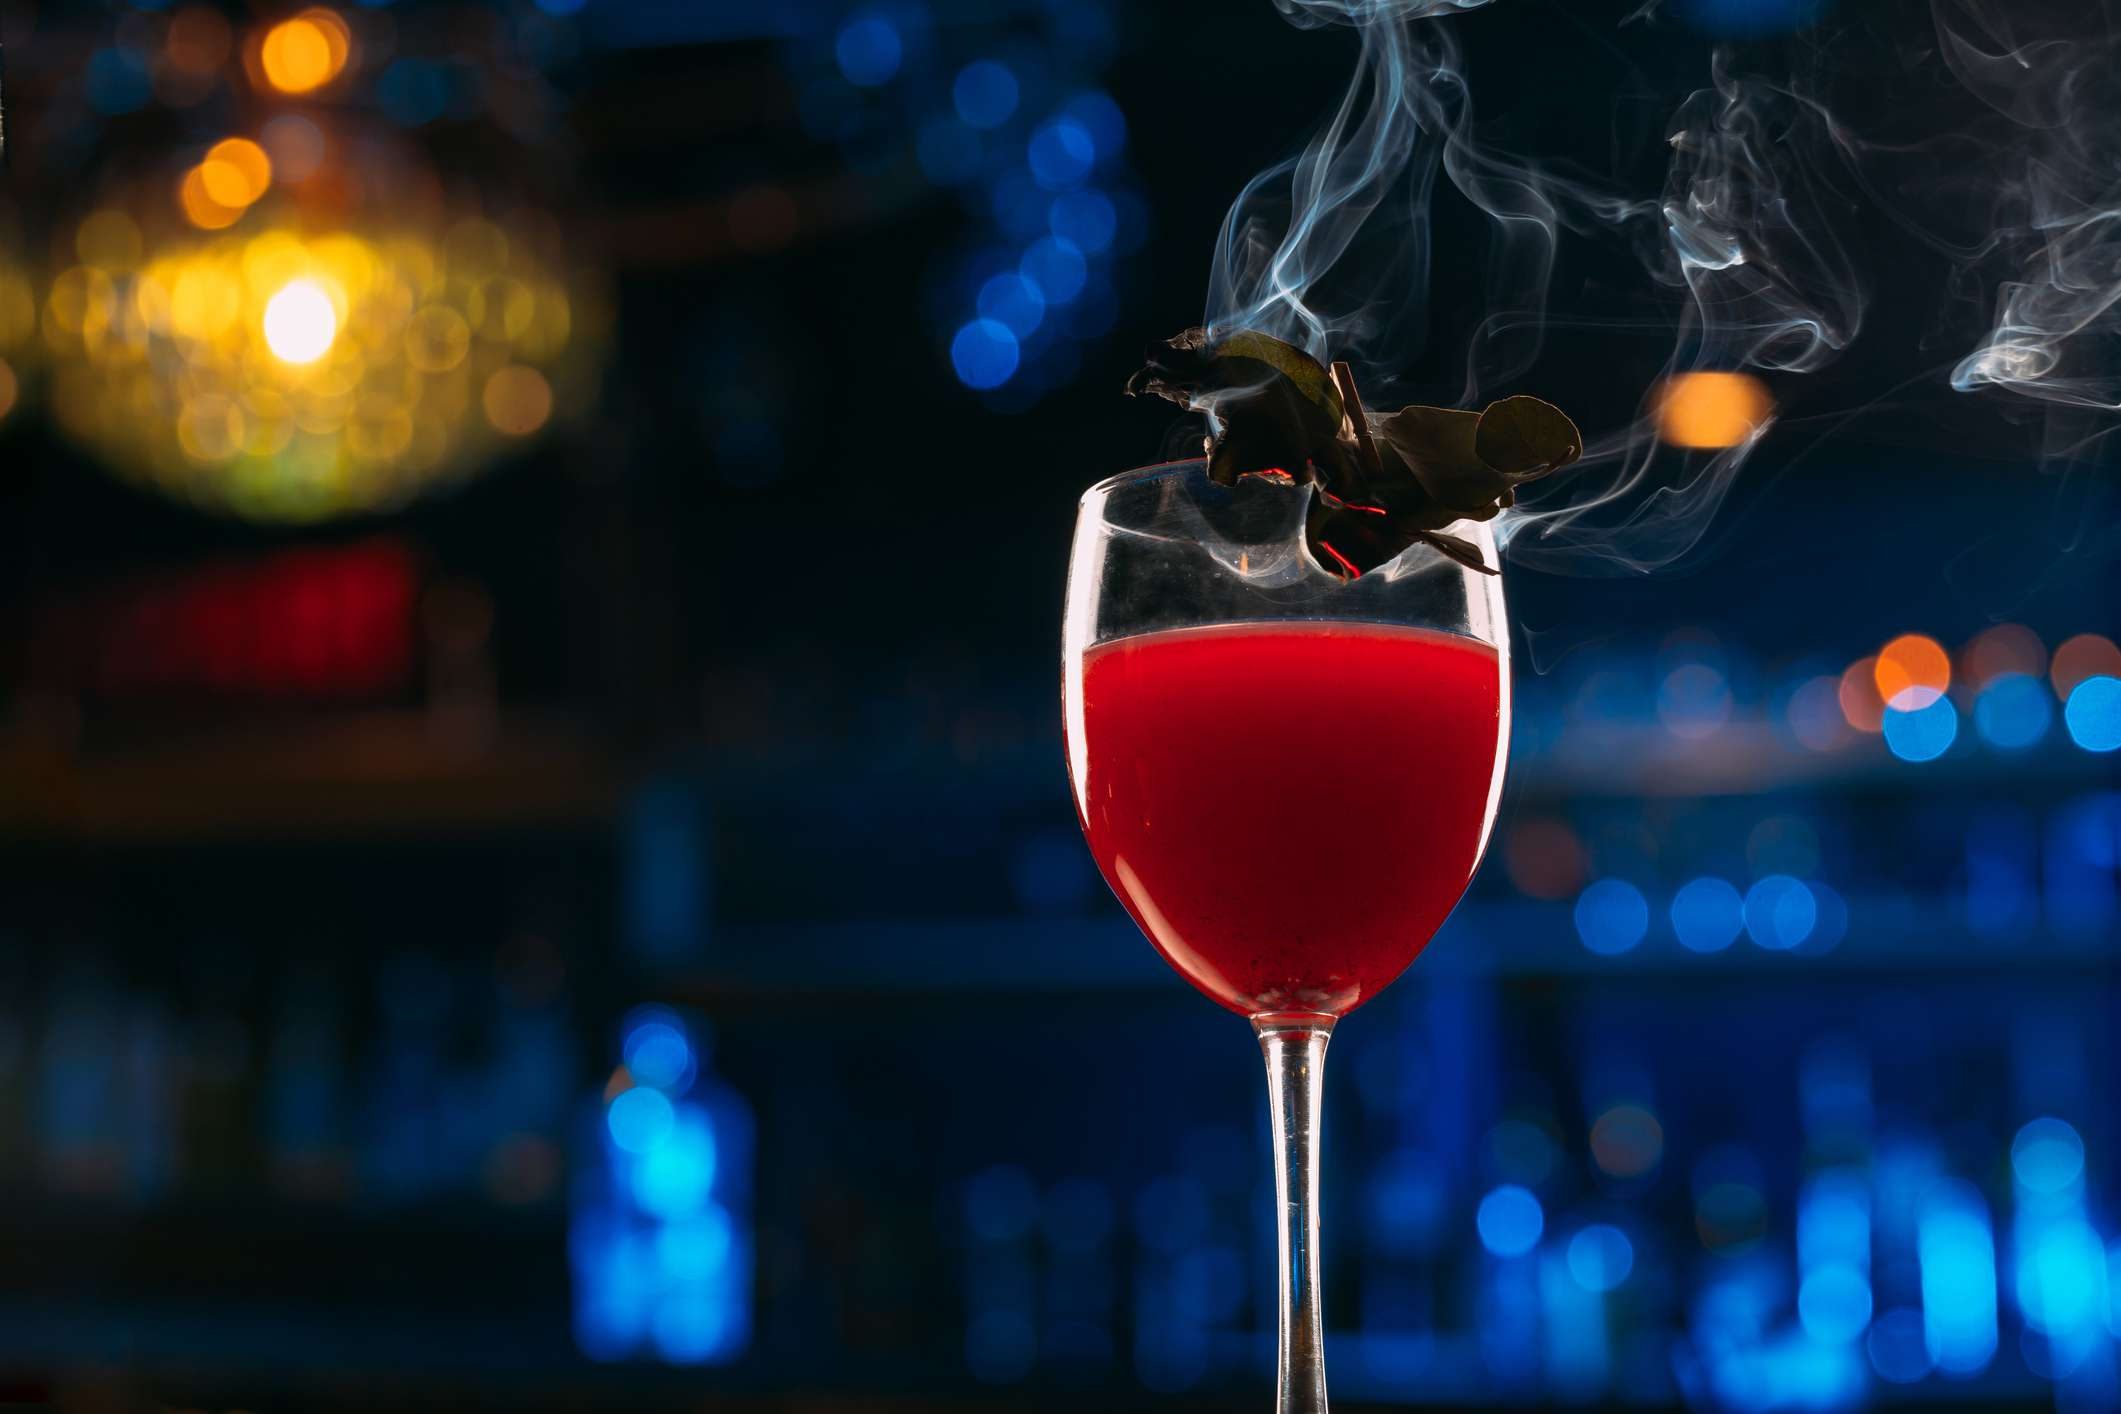 Un cóctel de color rojo en una copa de vino con una guarnición humeante.